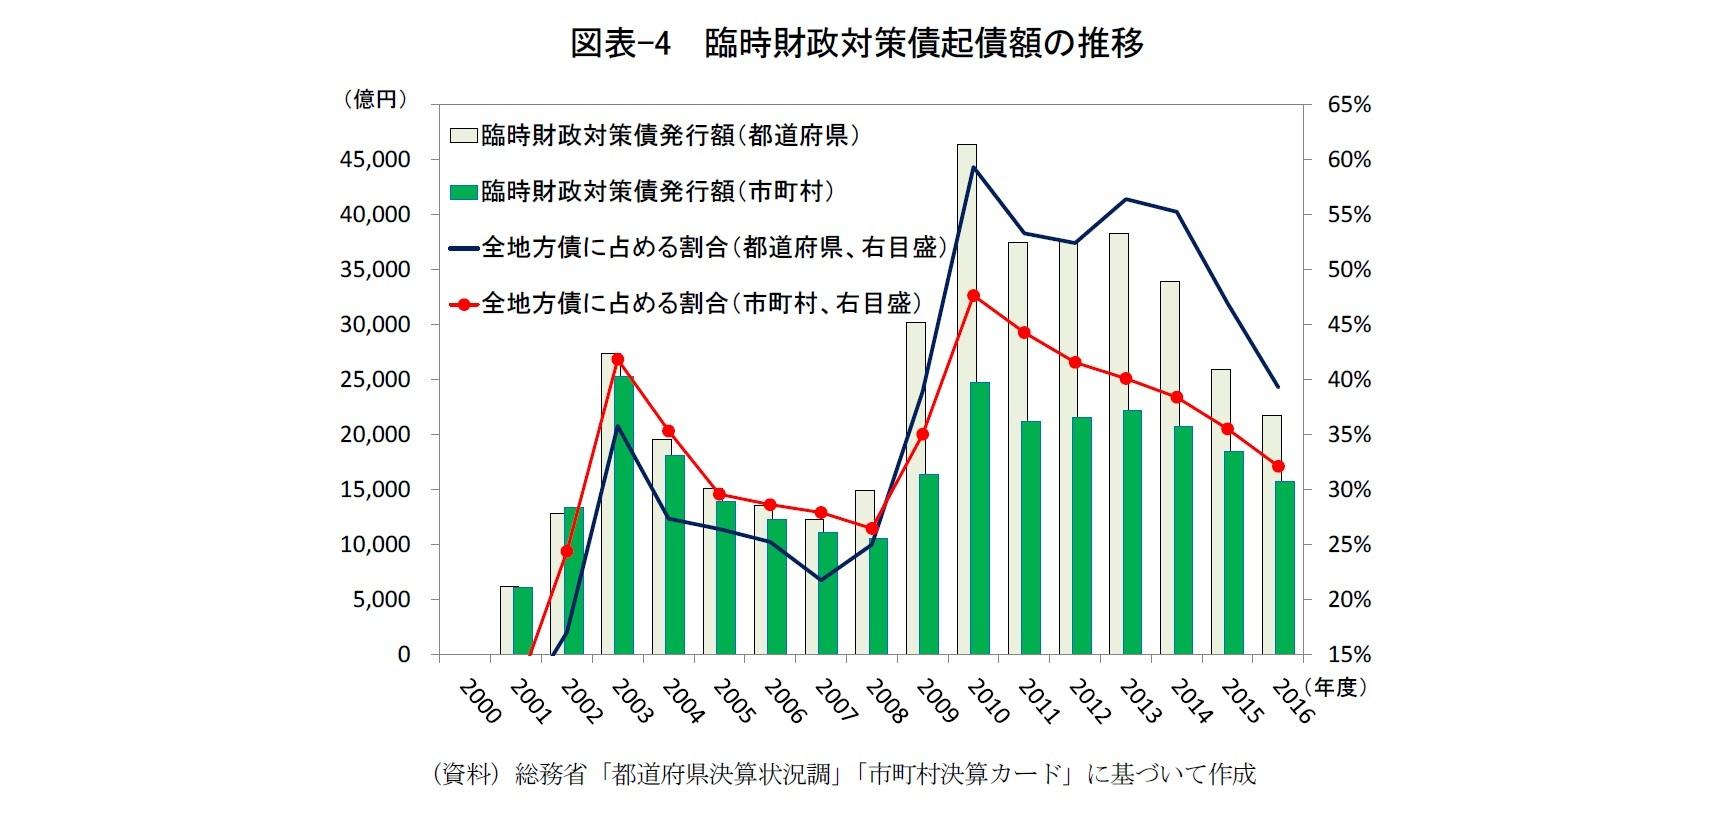 図表-4  臨時財政対策債起債額の推移